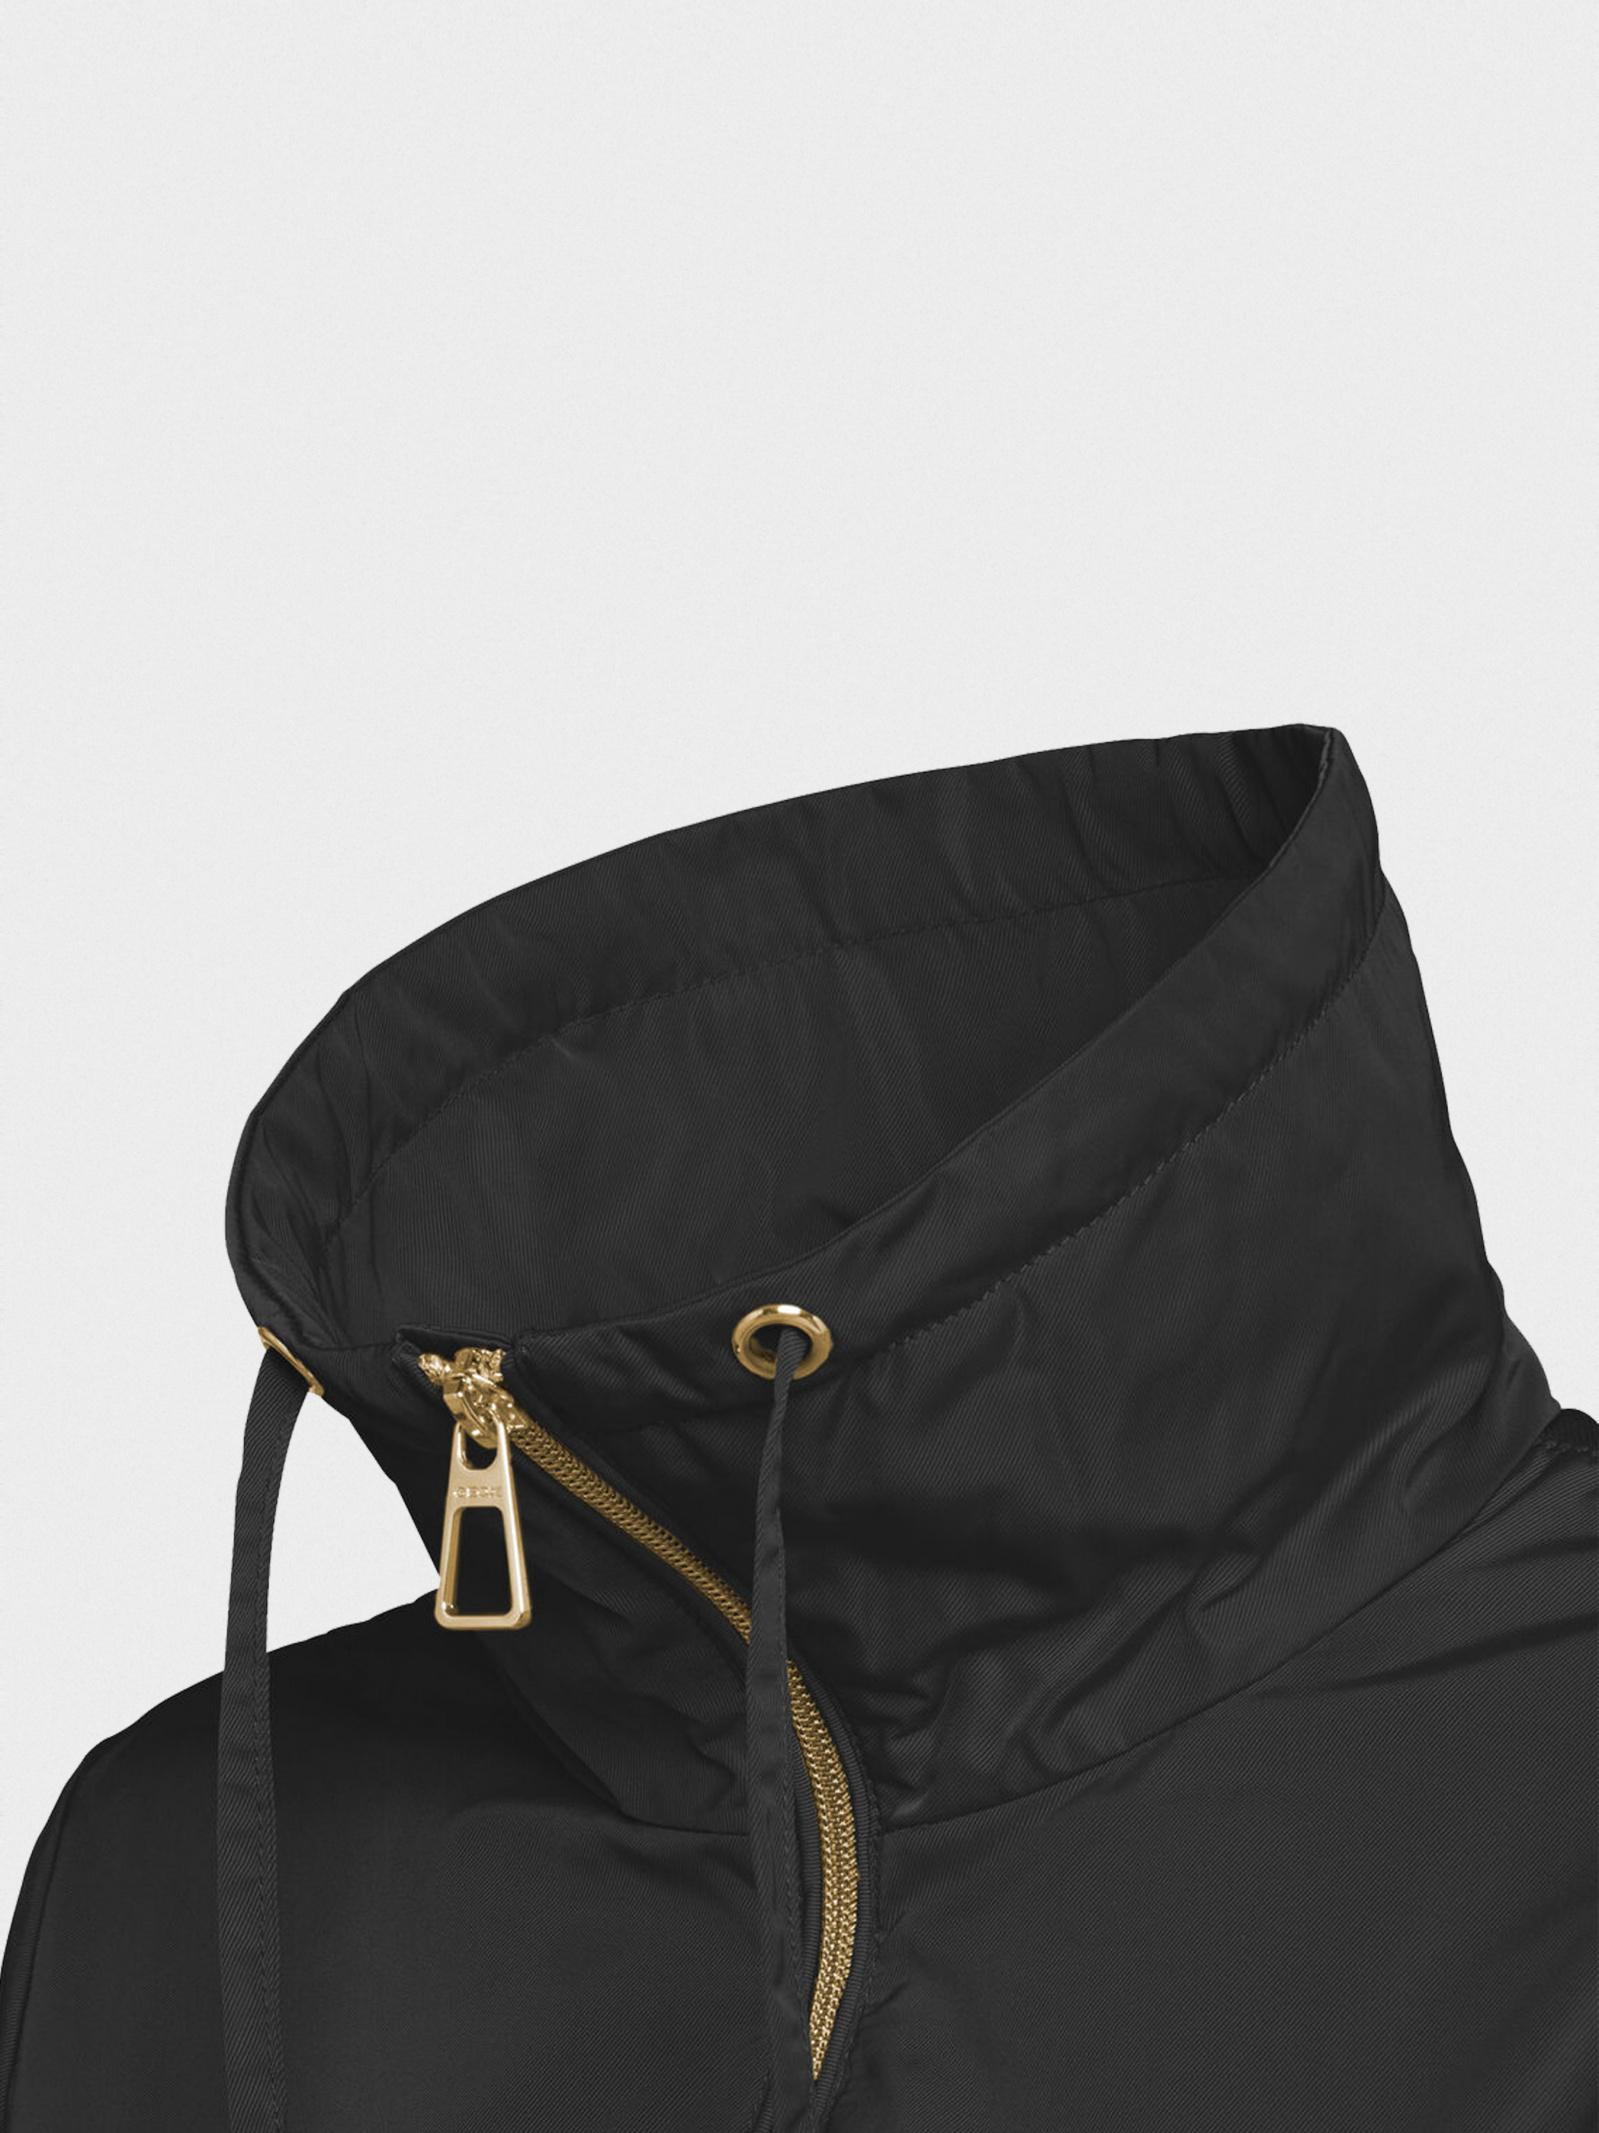 Куртка женские Geox модель XA6143 купить, 2017